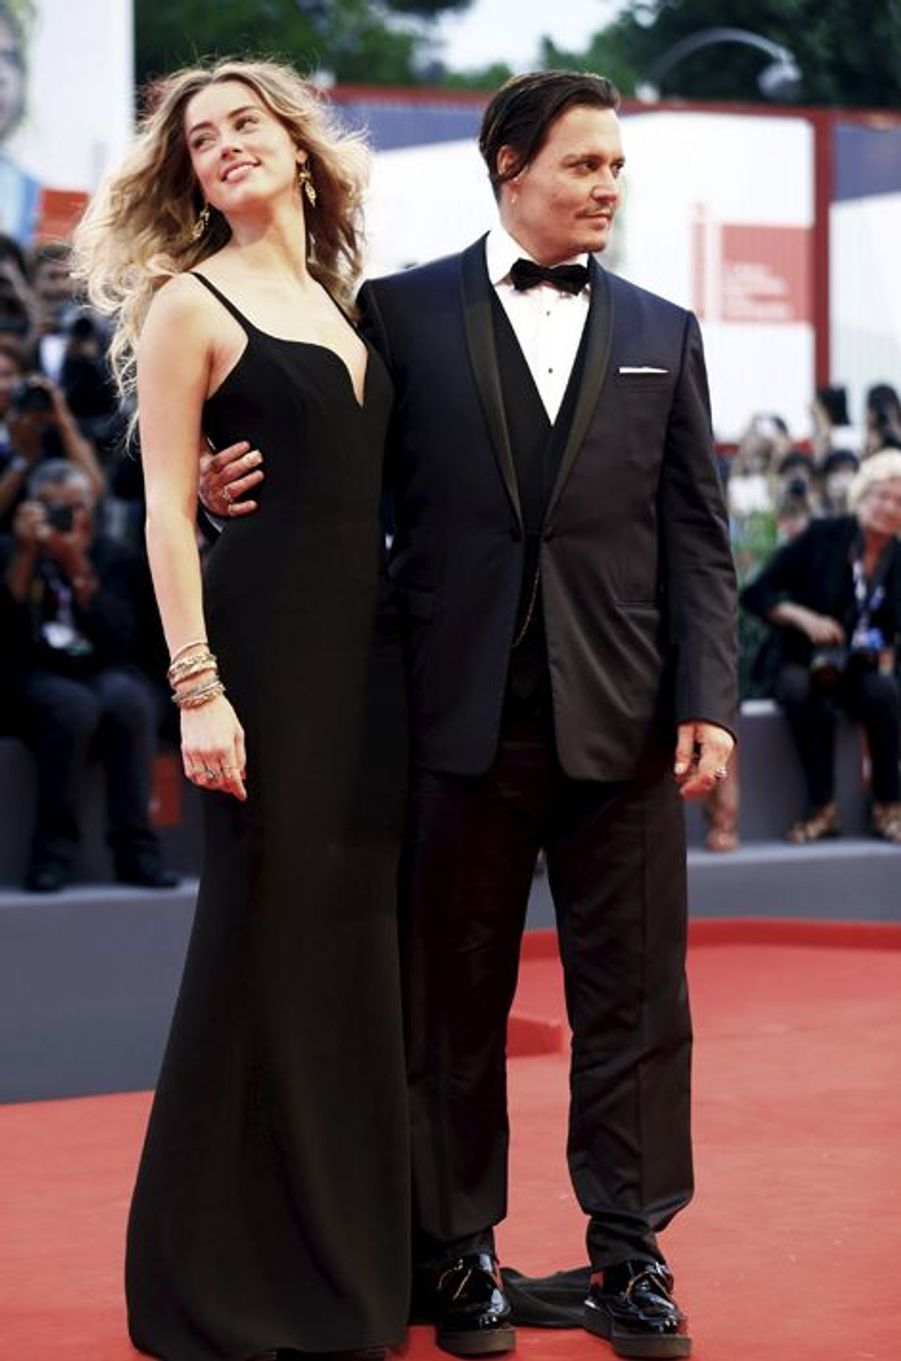 Johnny Depp et Amber Heard illuminent le red carpet, à Venise, le 4 septembre 2015